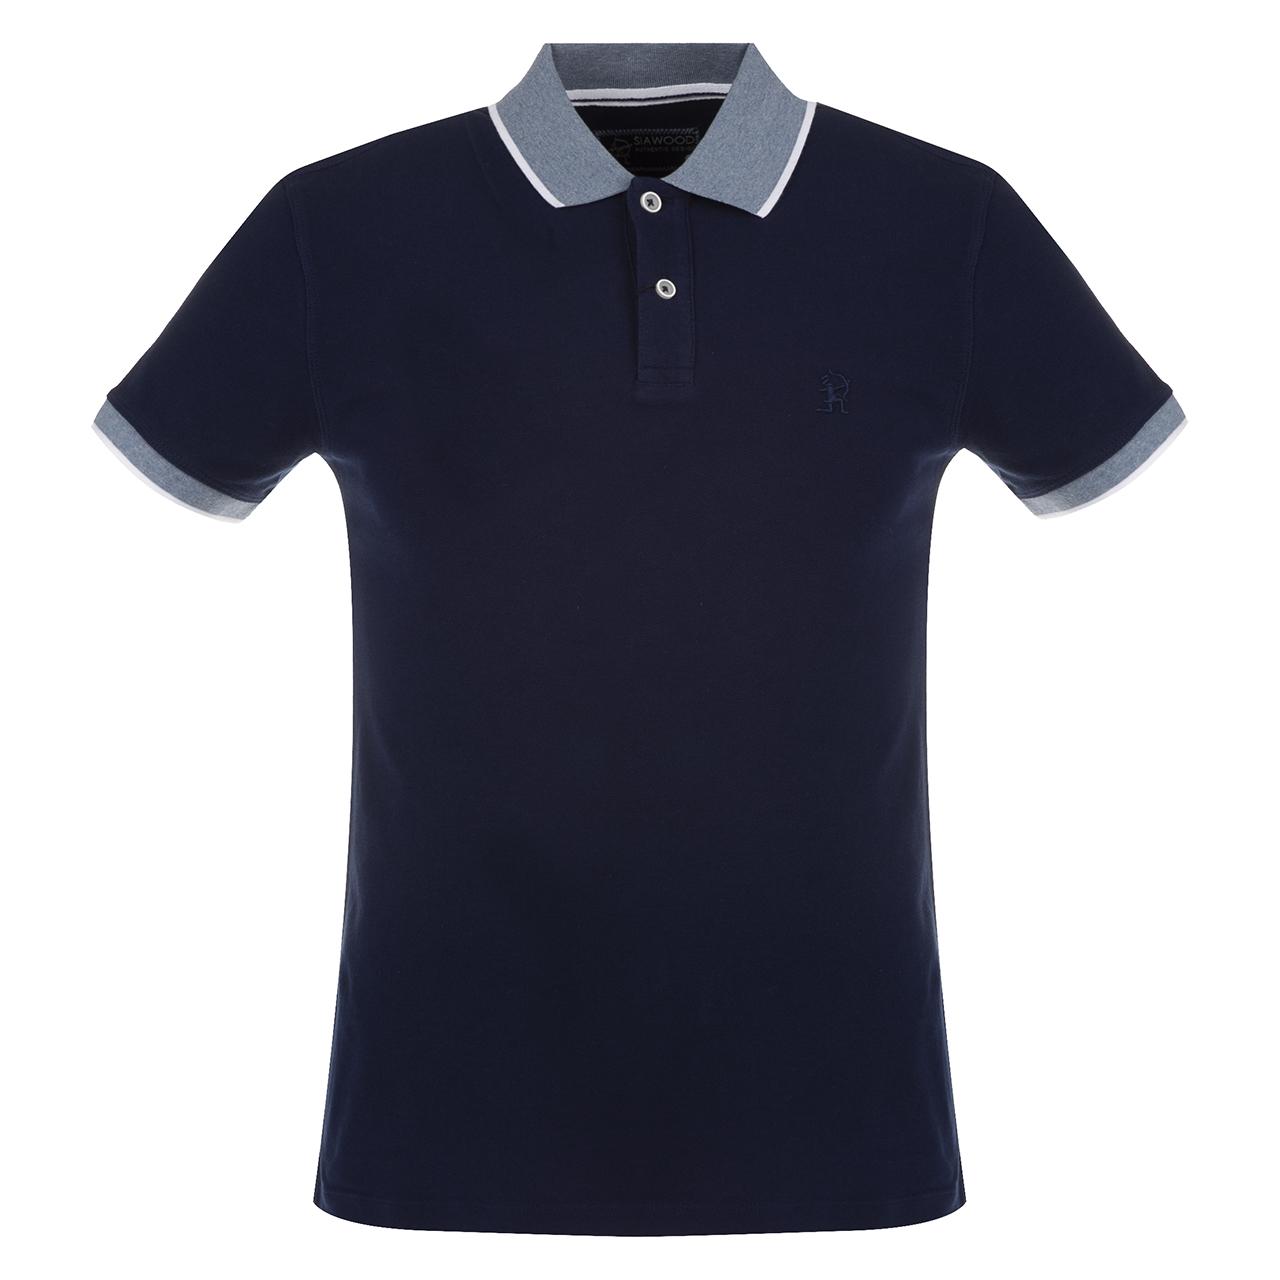 پولو شرت مردانه سیاوود مدل POLO-62811-62811 کد S0180 رنگ سرمه ای